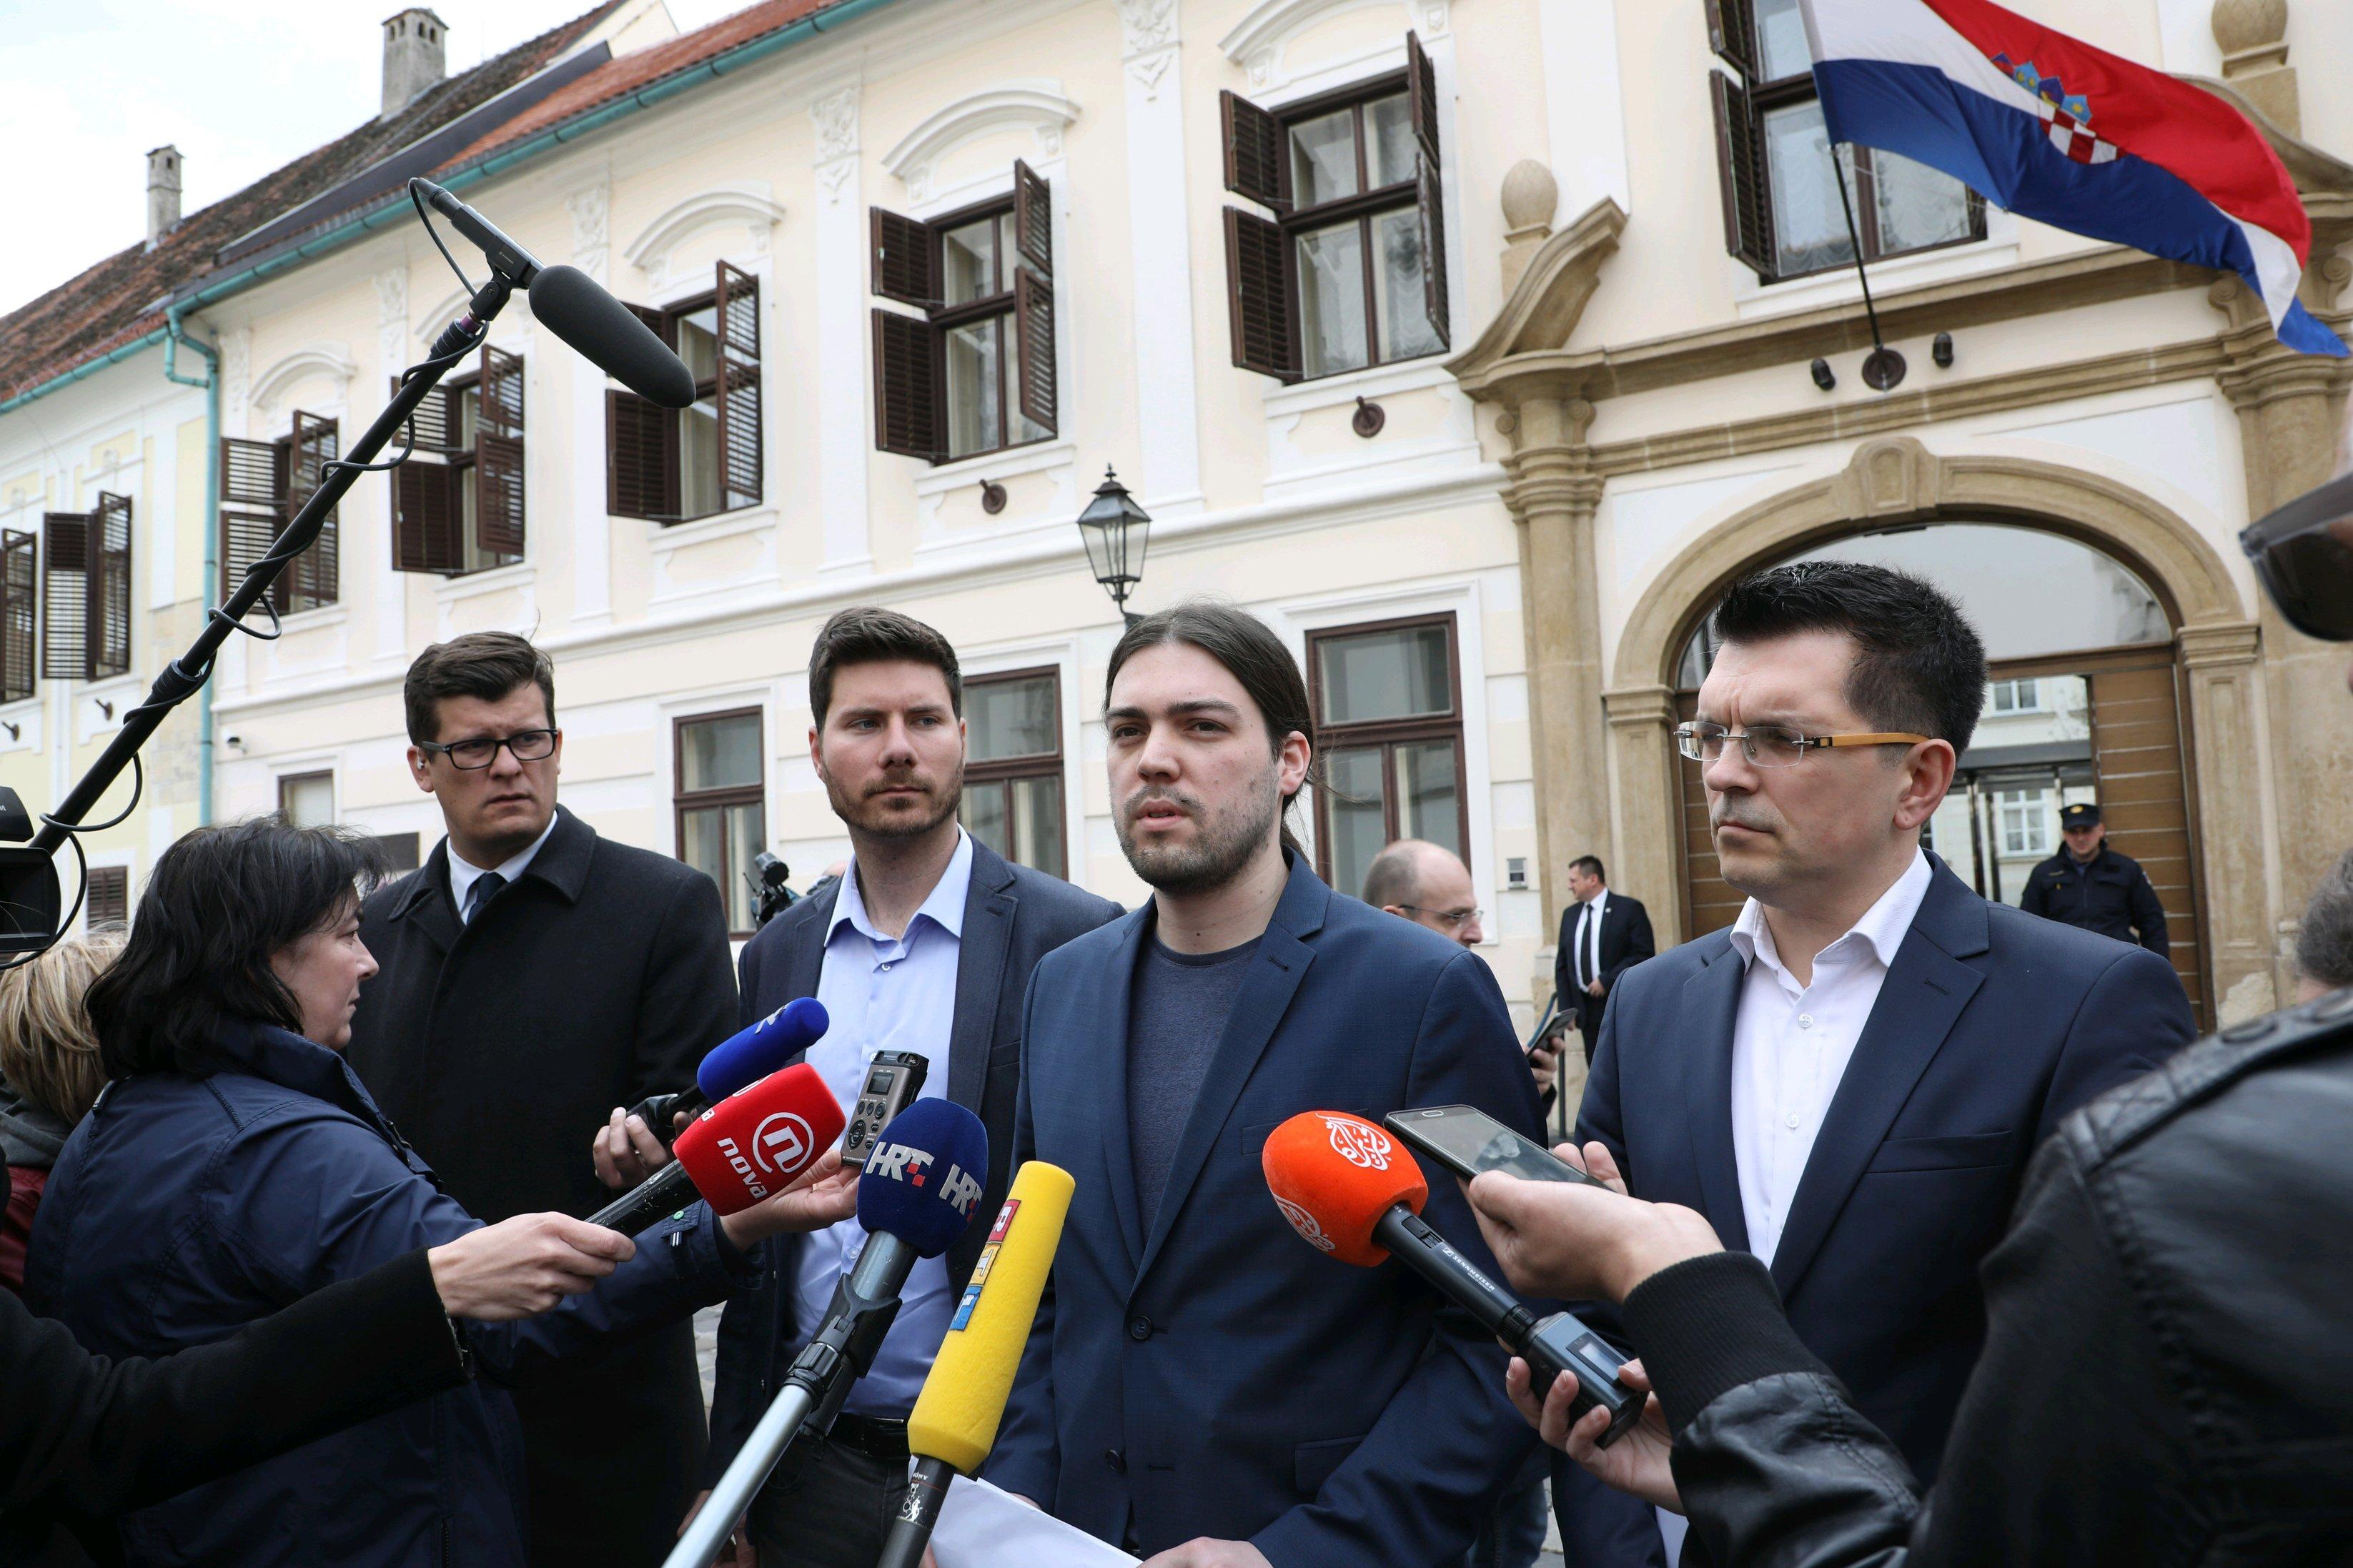 Većina političara misli da je Hrvatska profiitrala od EU, ne i Živi Zid